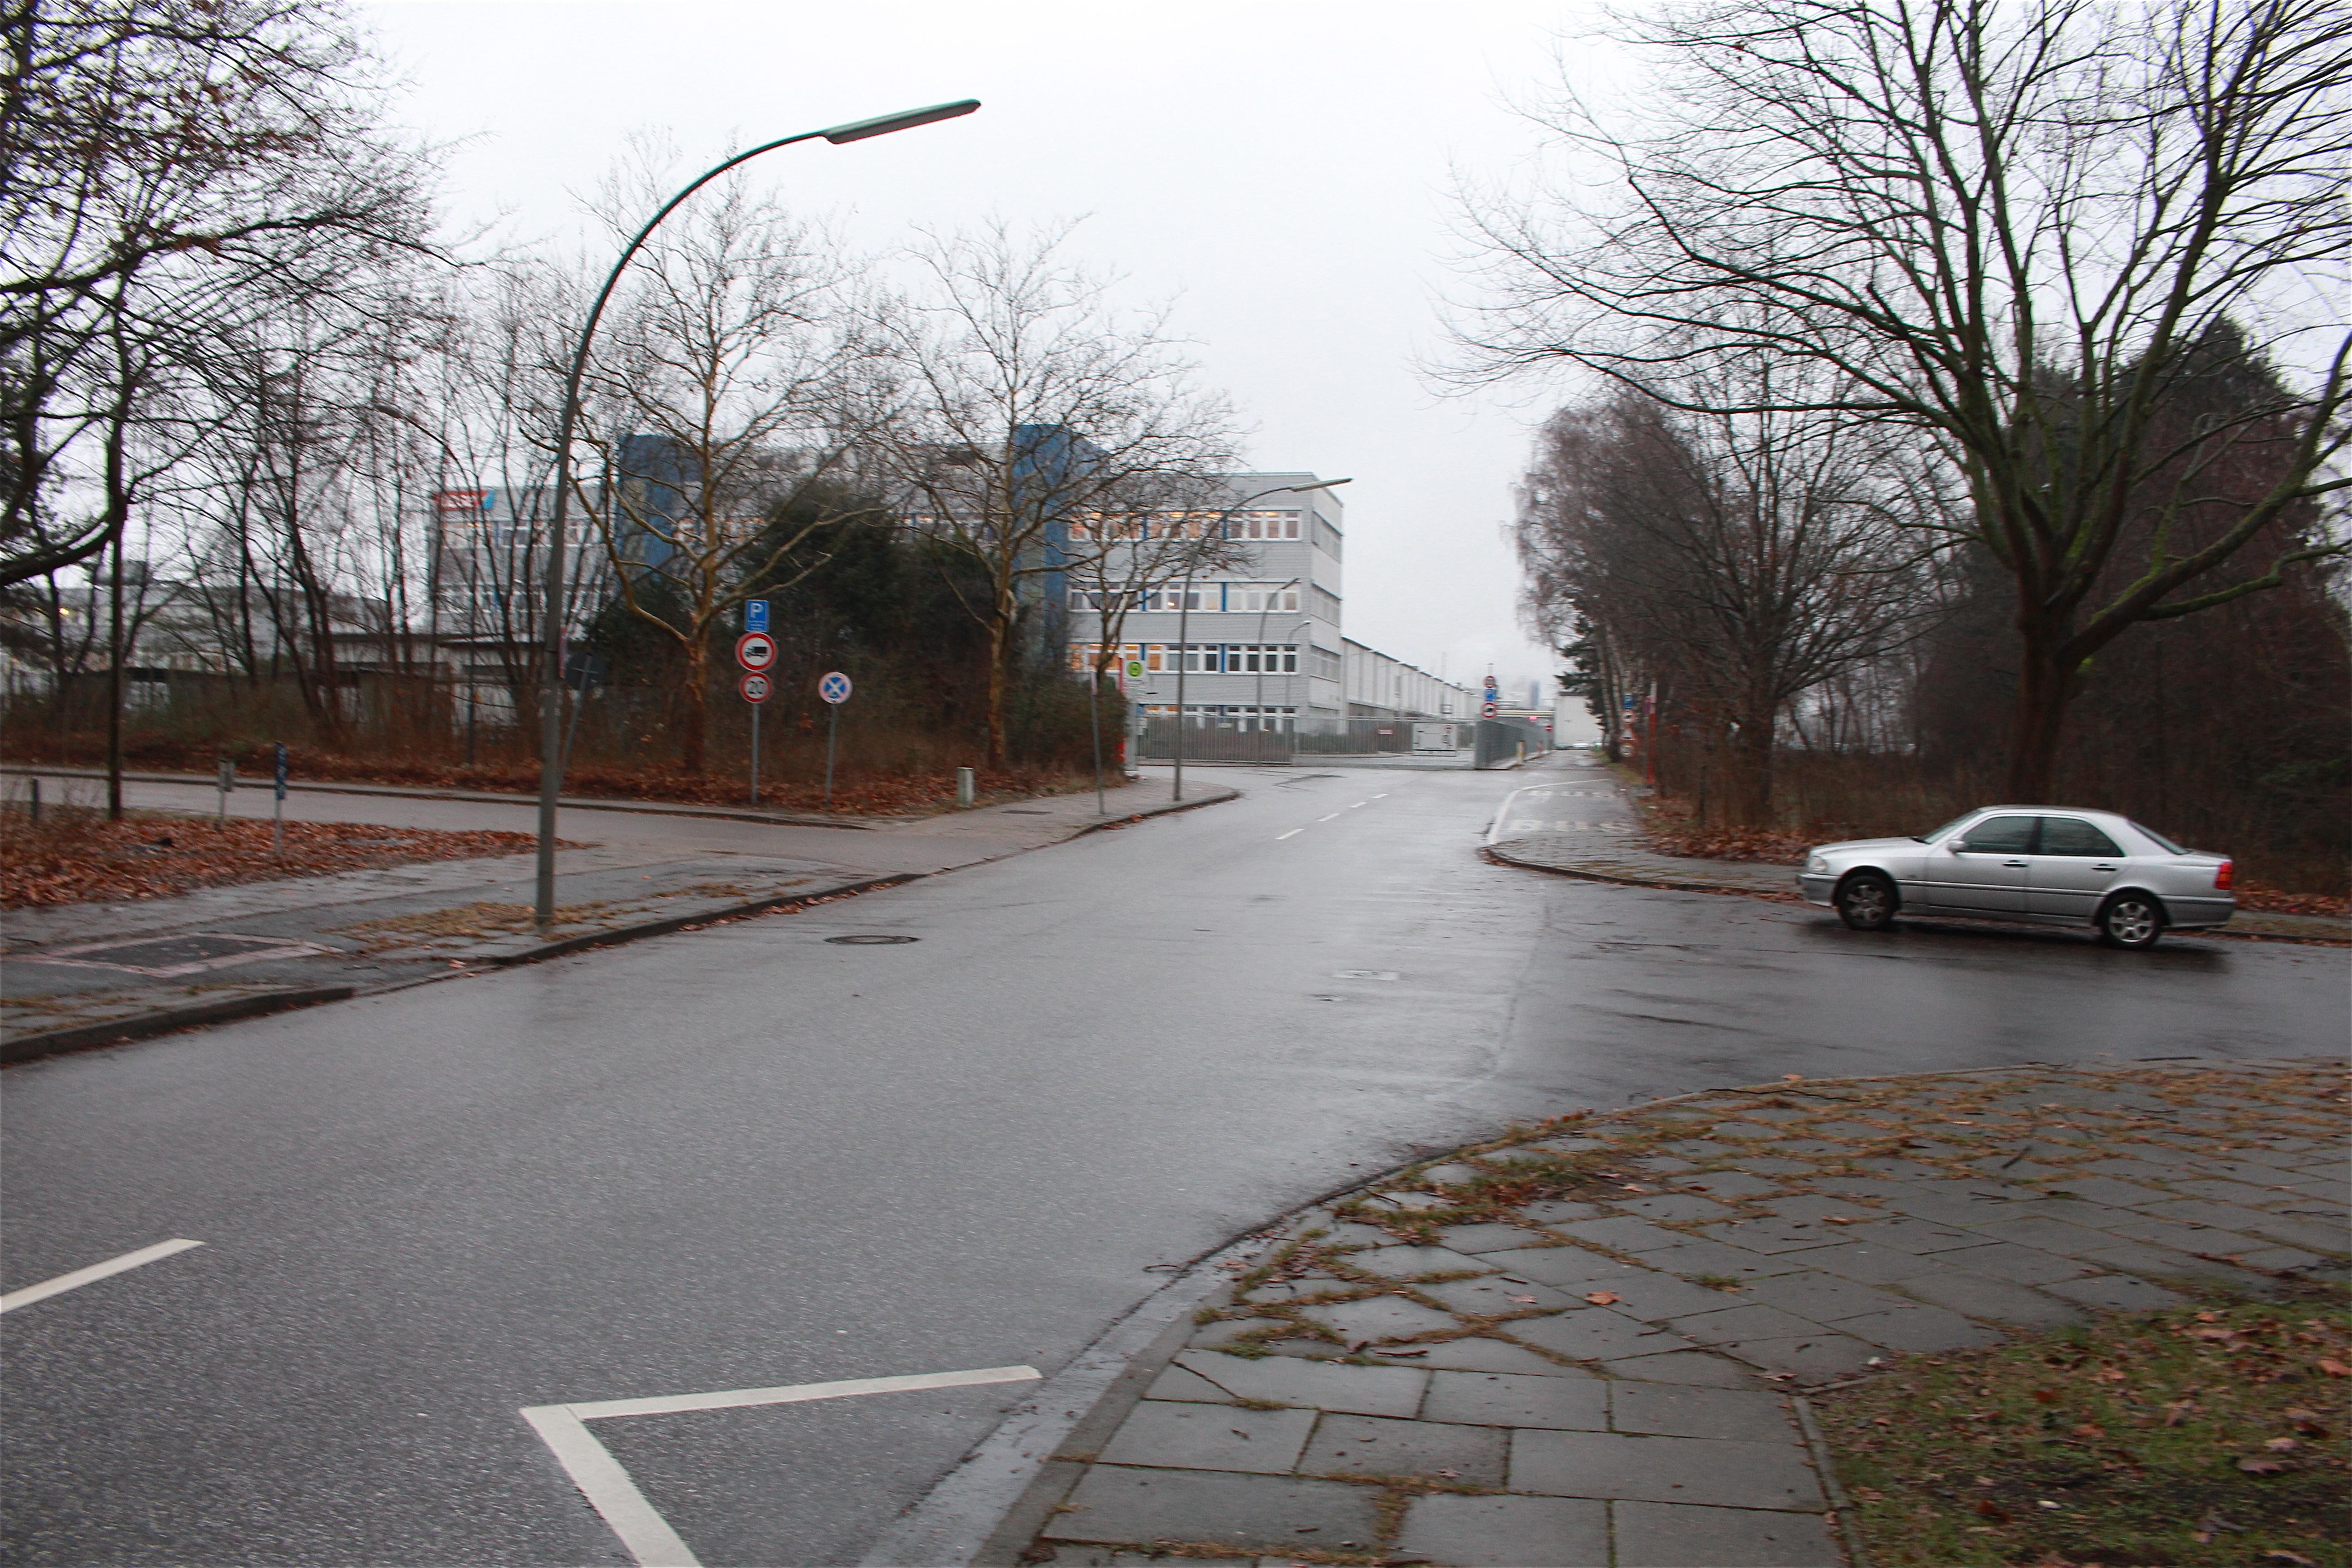 pm -Um für die Benutzer eine sichere und komfortable Streckenführung zu garantieren müssen laut SBI im Zuge der Realisierung der Veloroute 10 in den Straßen Zum Dubben und Dubben bauliche Veränderungen vorgenommen werden.